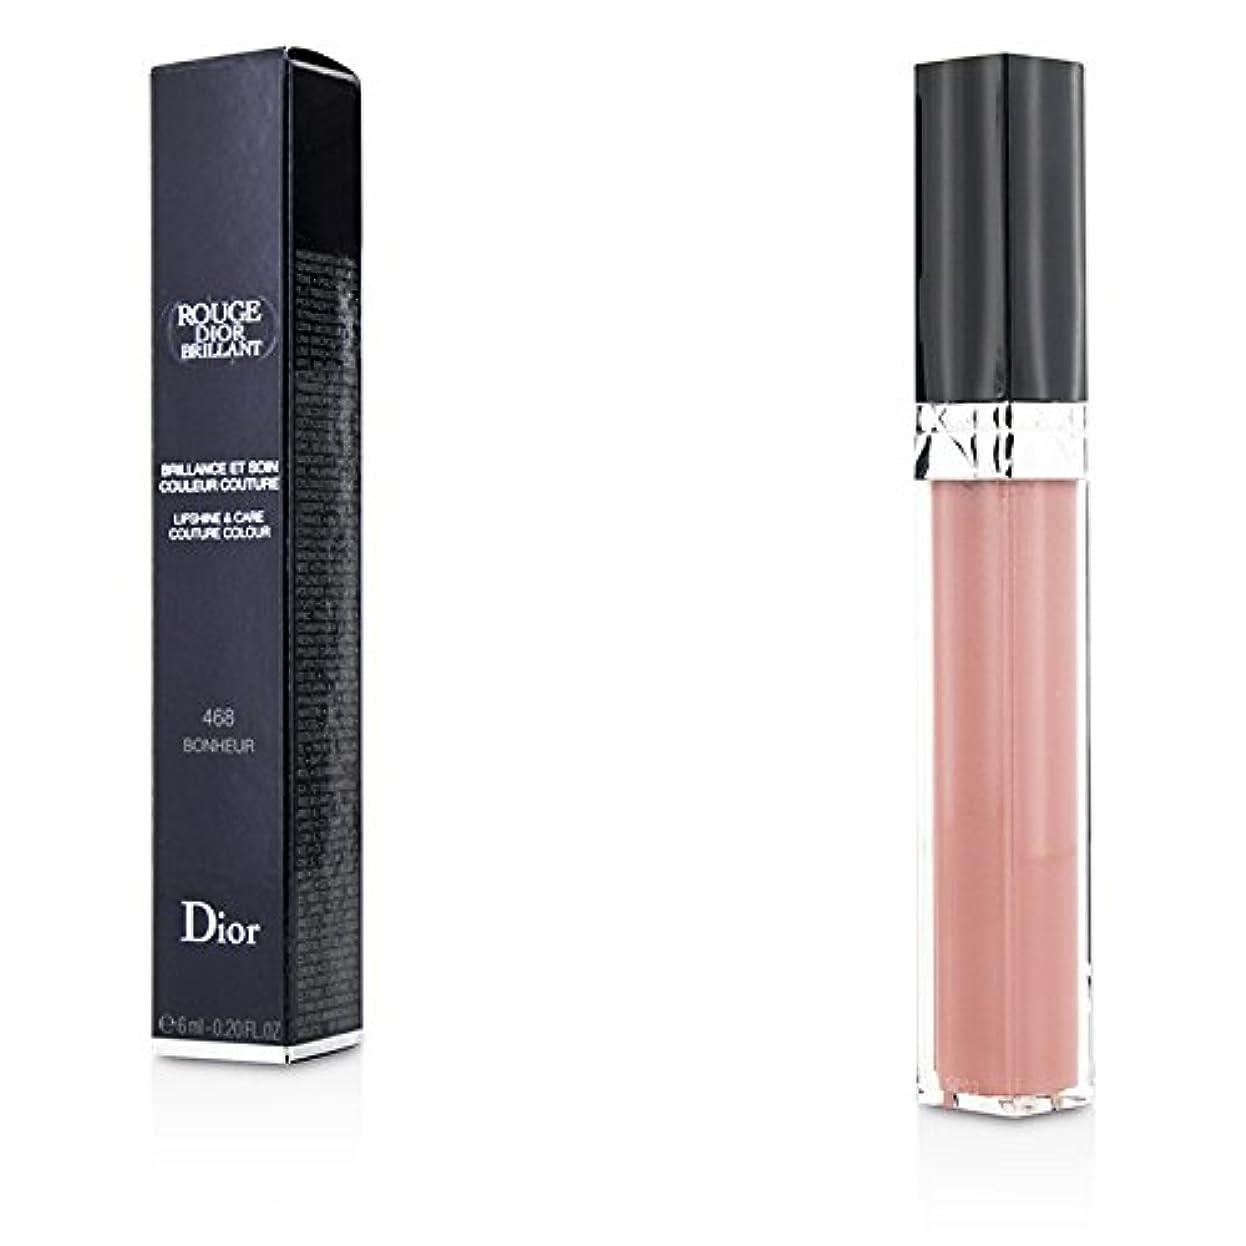 モトリーメロディー商業のクリスチャンディオール Rouge Dior Brillant Lipgloss - # 468 Bonheur 6ml/0.2oz並行輸入品